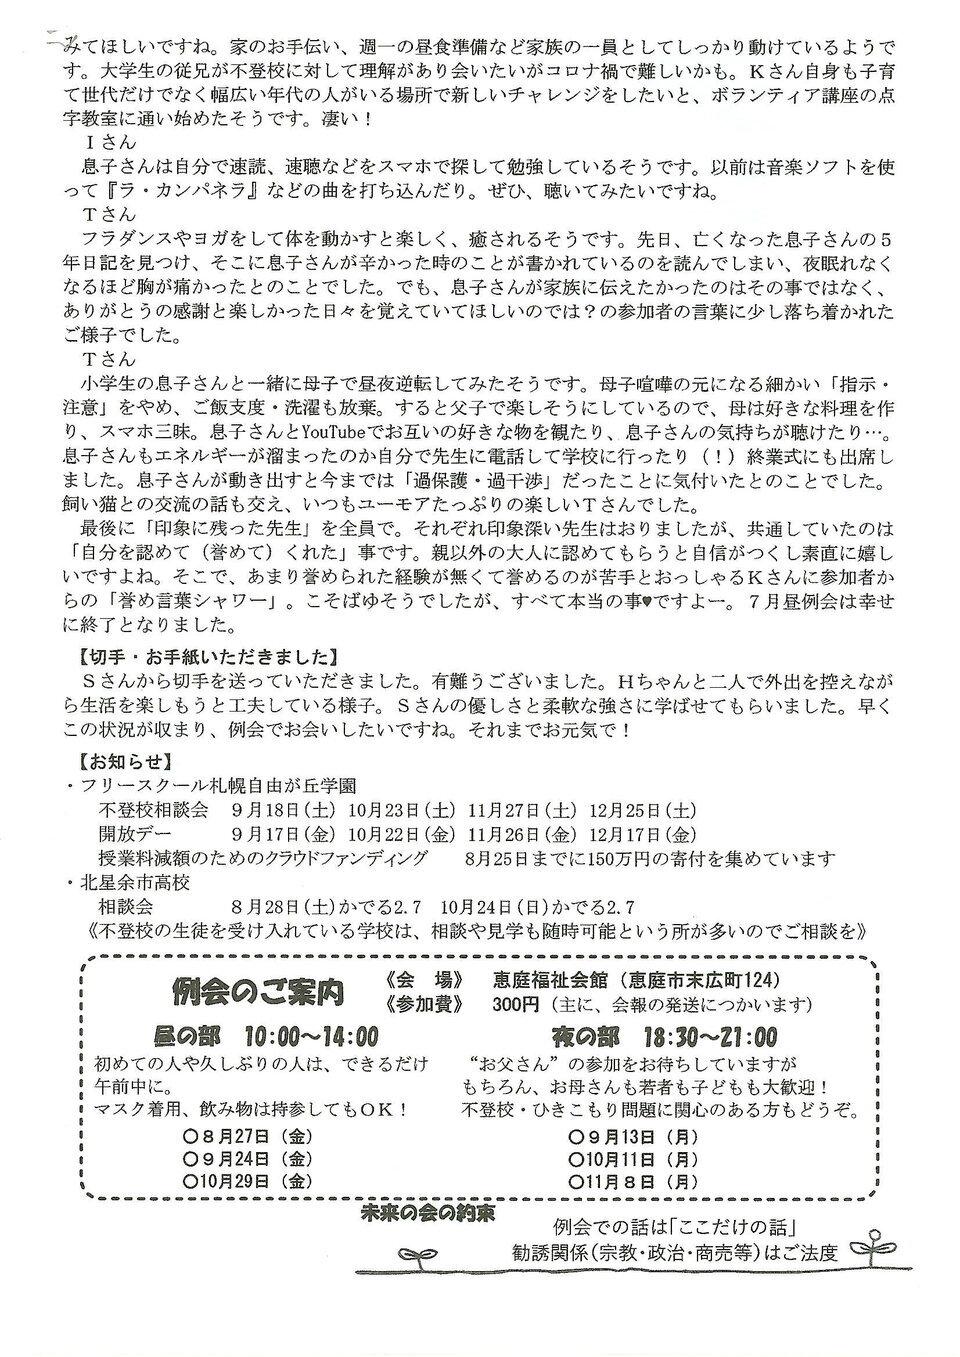 未来の会会報 No.275